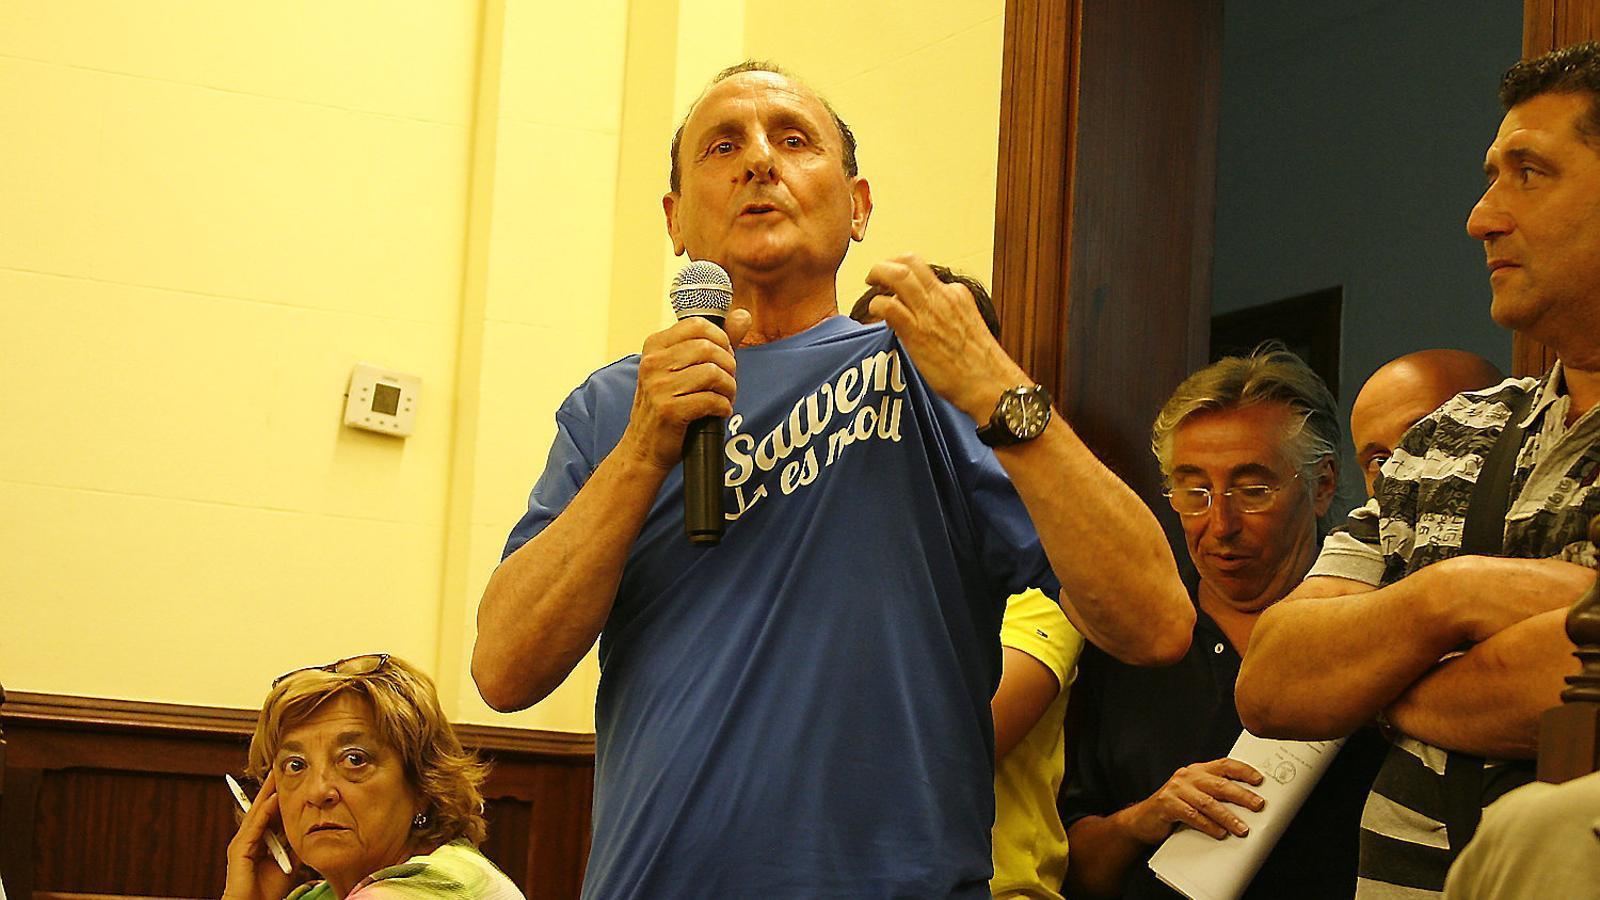 Sebastià Cifre, un dels membres de la plataforma, durant la intervenció en el ple que tractà l'ampliació d'Alcudiamar.